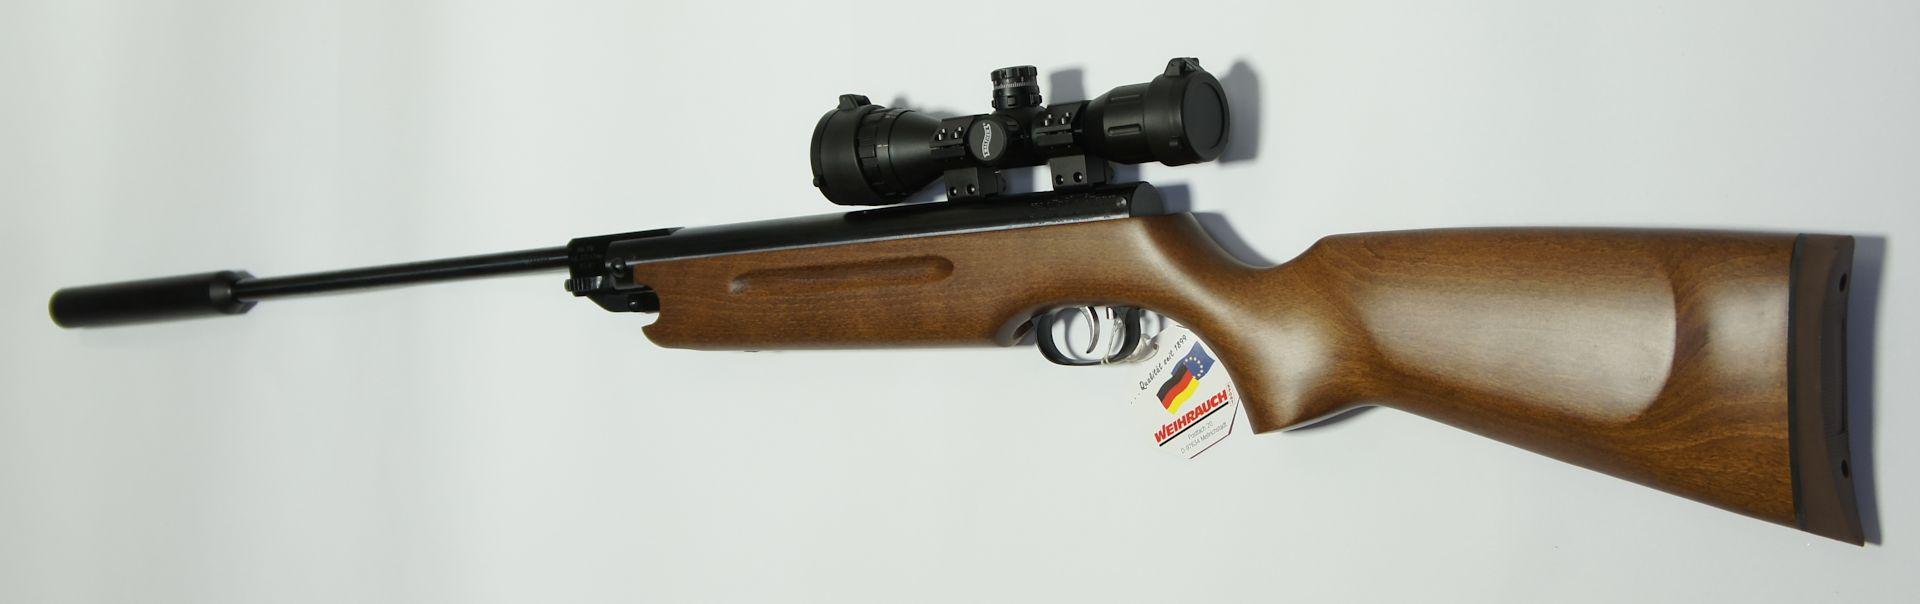 Montagebeispiel mit unserer meistverkauften, optimalen und <a href=1130130.htm> unverwüstlichen Optik Walther 4x32 MDC</a>